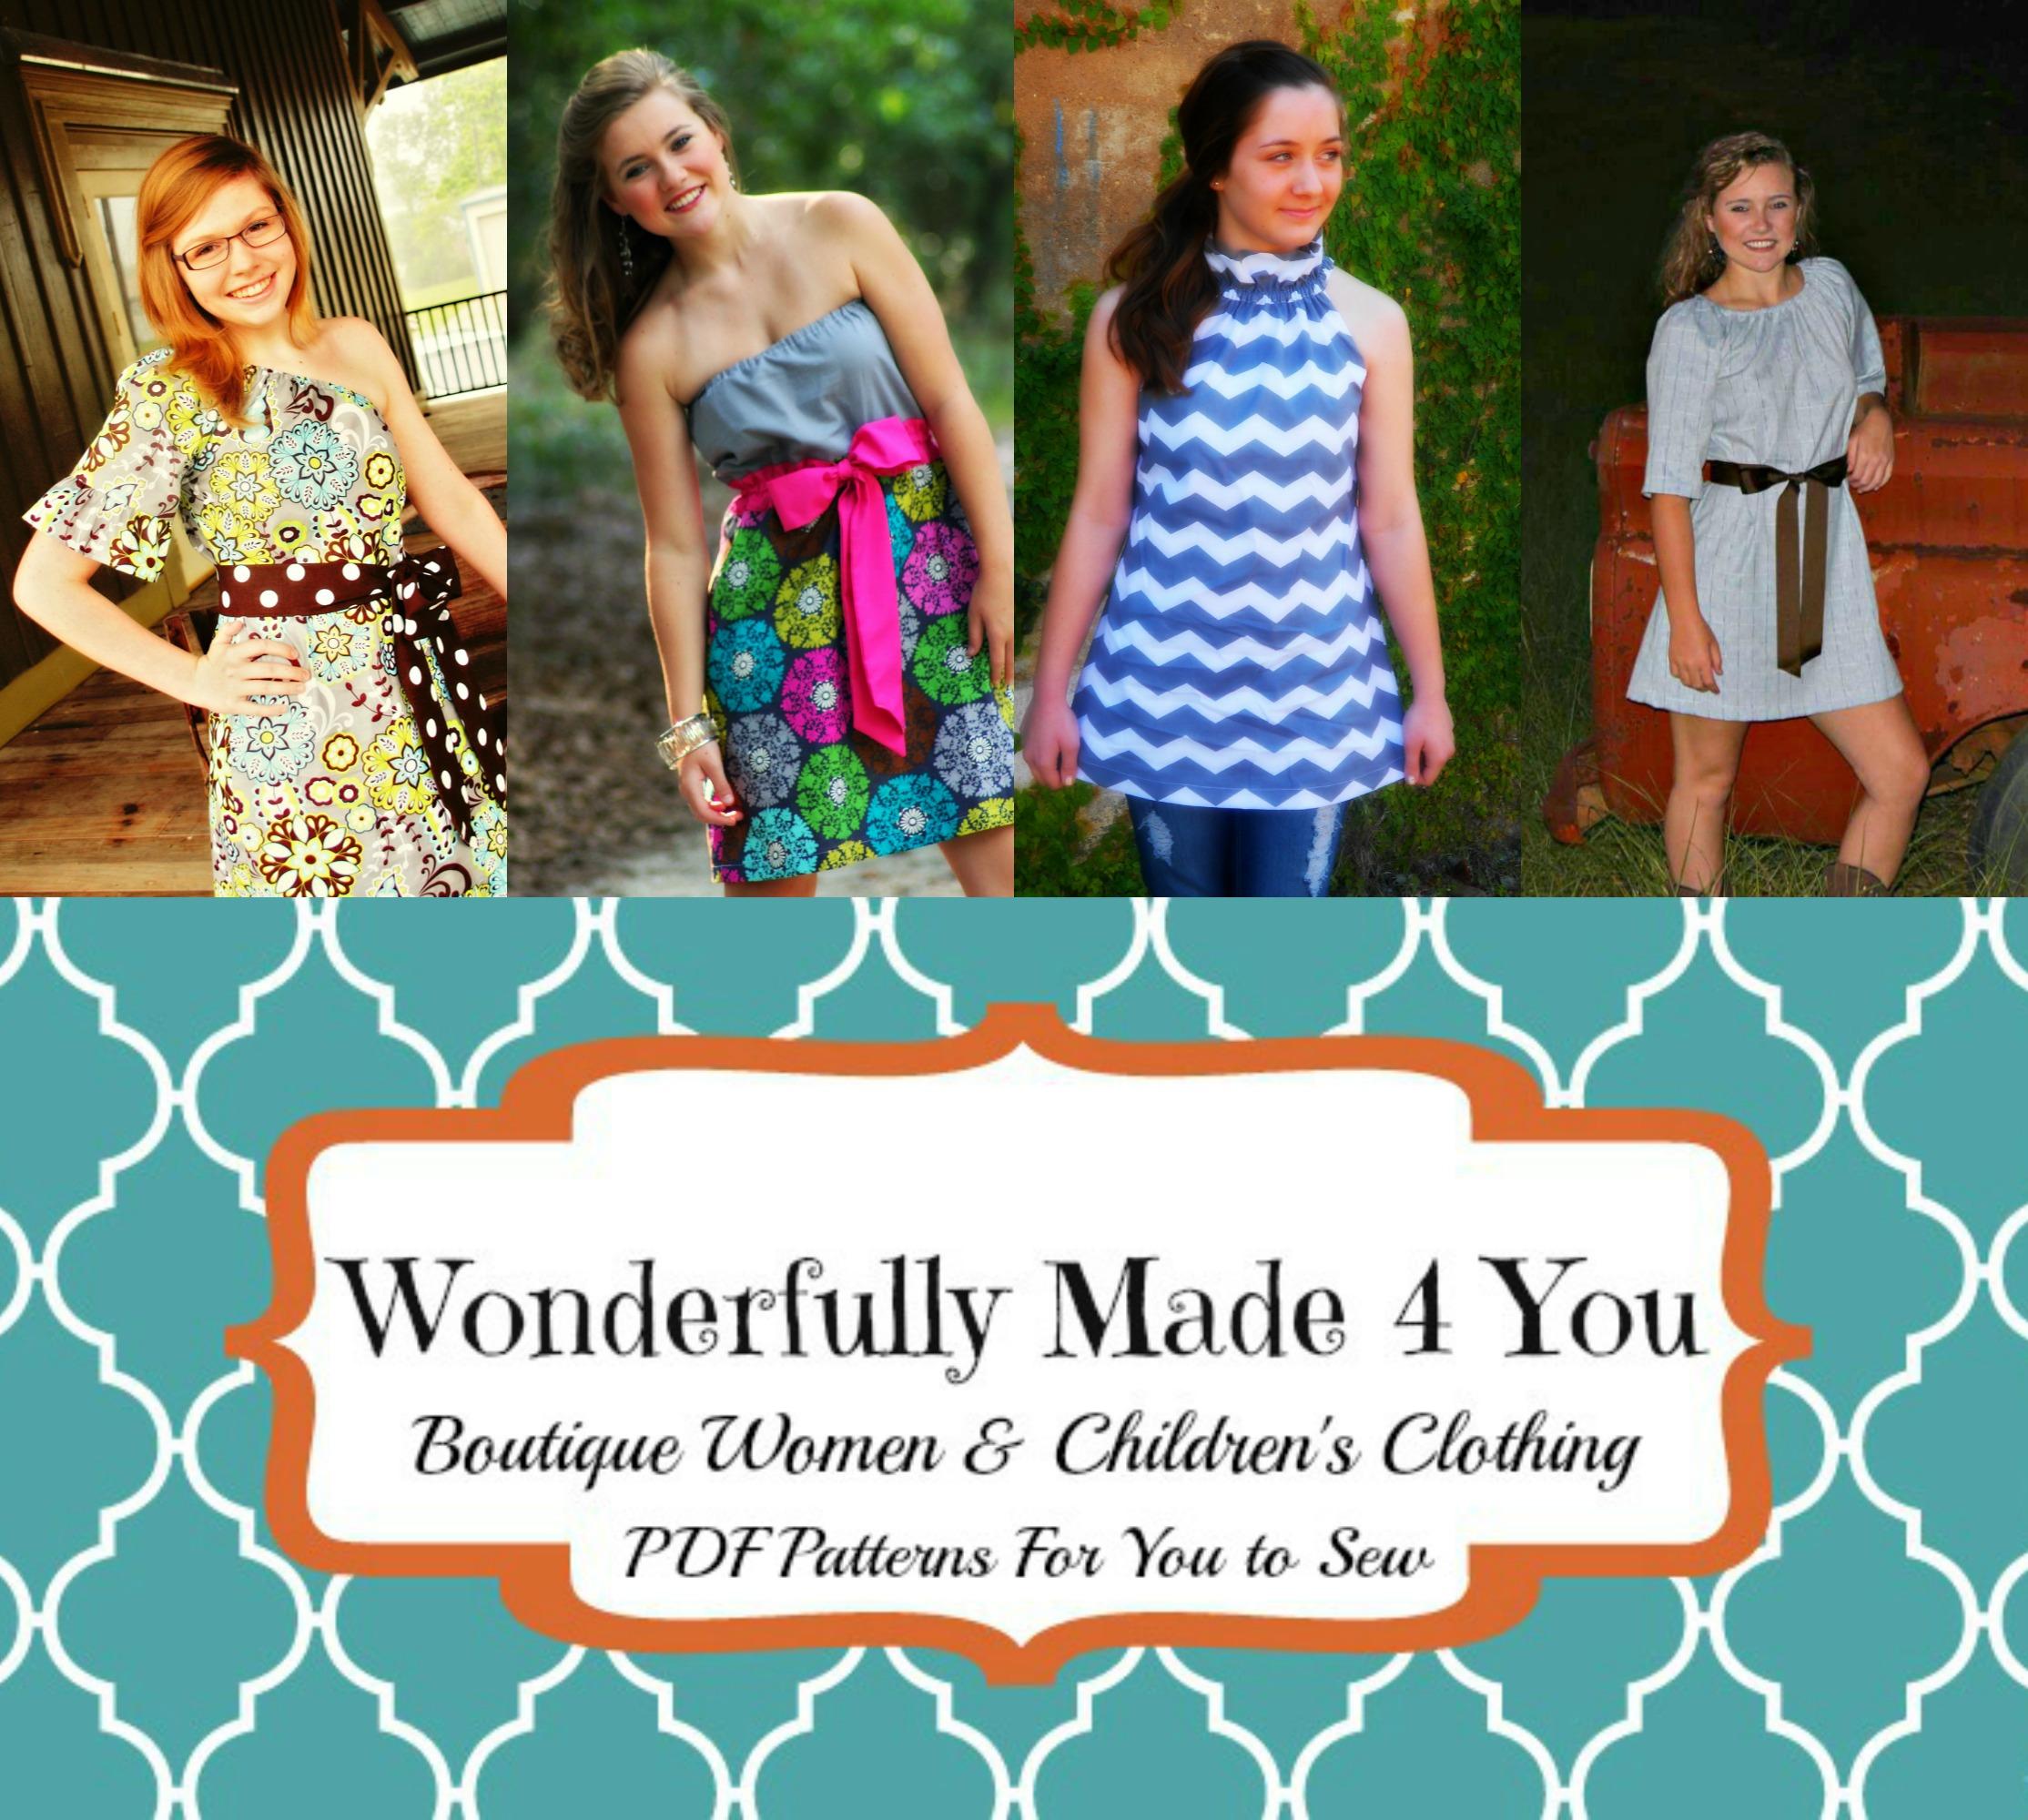 Wonderfully Made 4 You